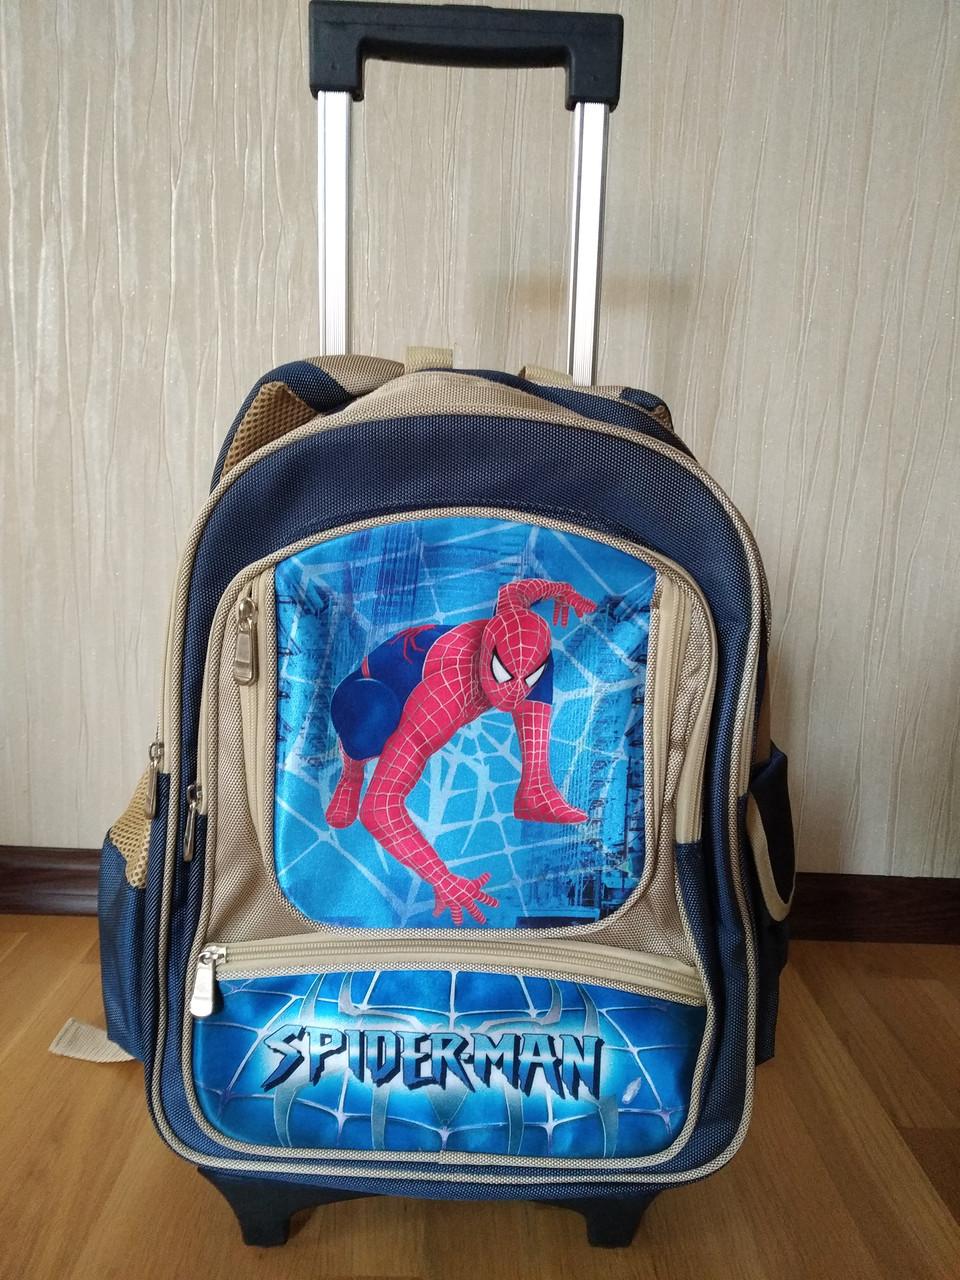 Рюкзак на колесах  для детей школьного  возраста , съемный троллей   размер 42Х30Х15